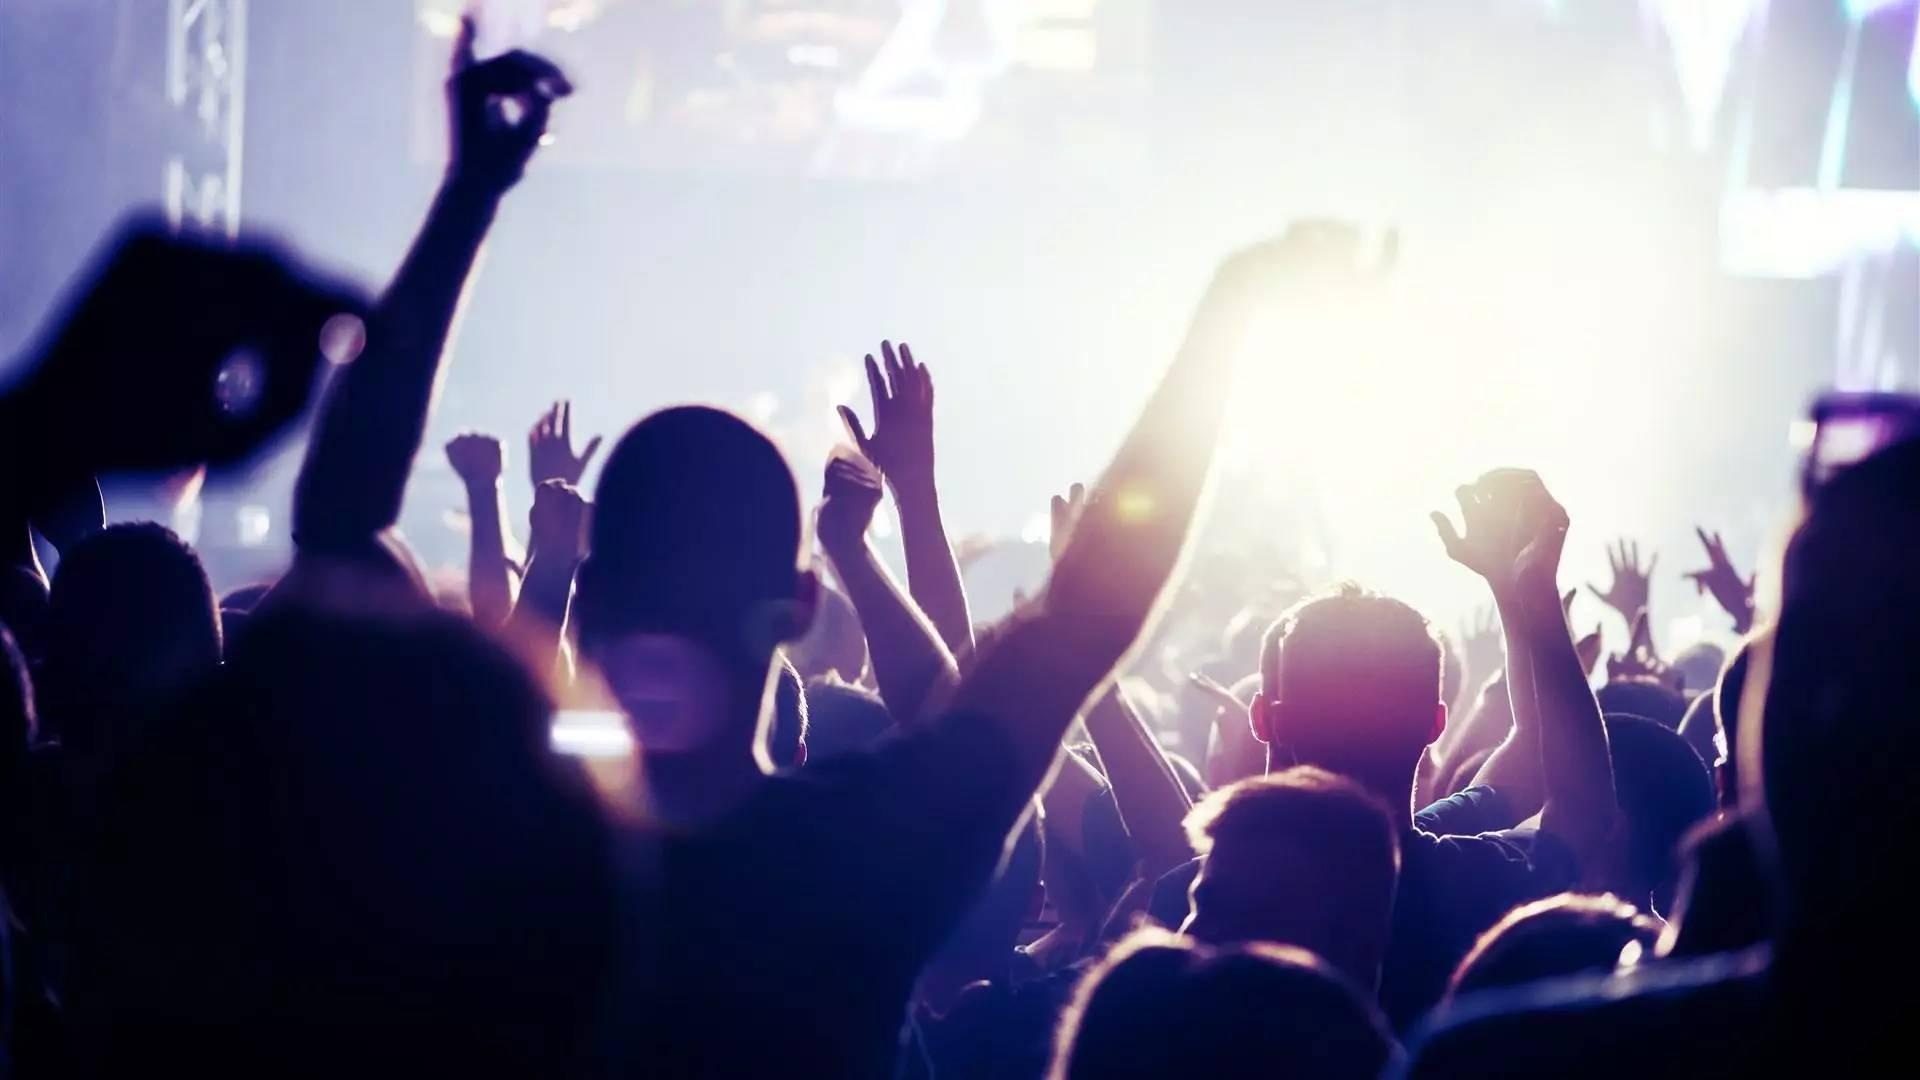 快手上最火的歌曲_2018快手有哪些热门歌曲